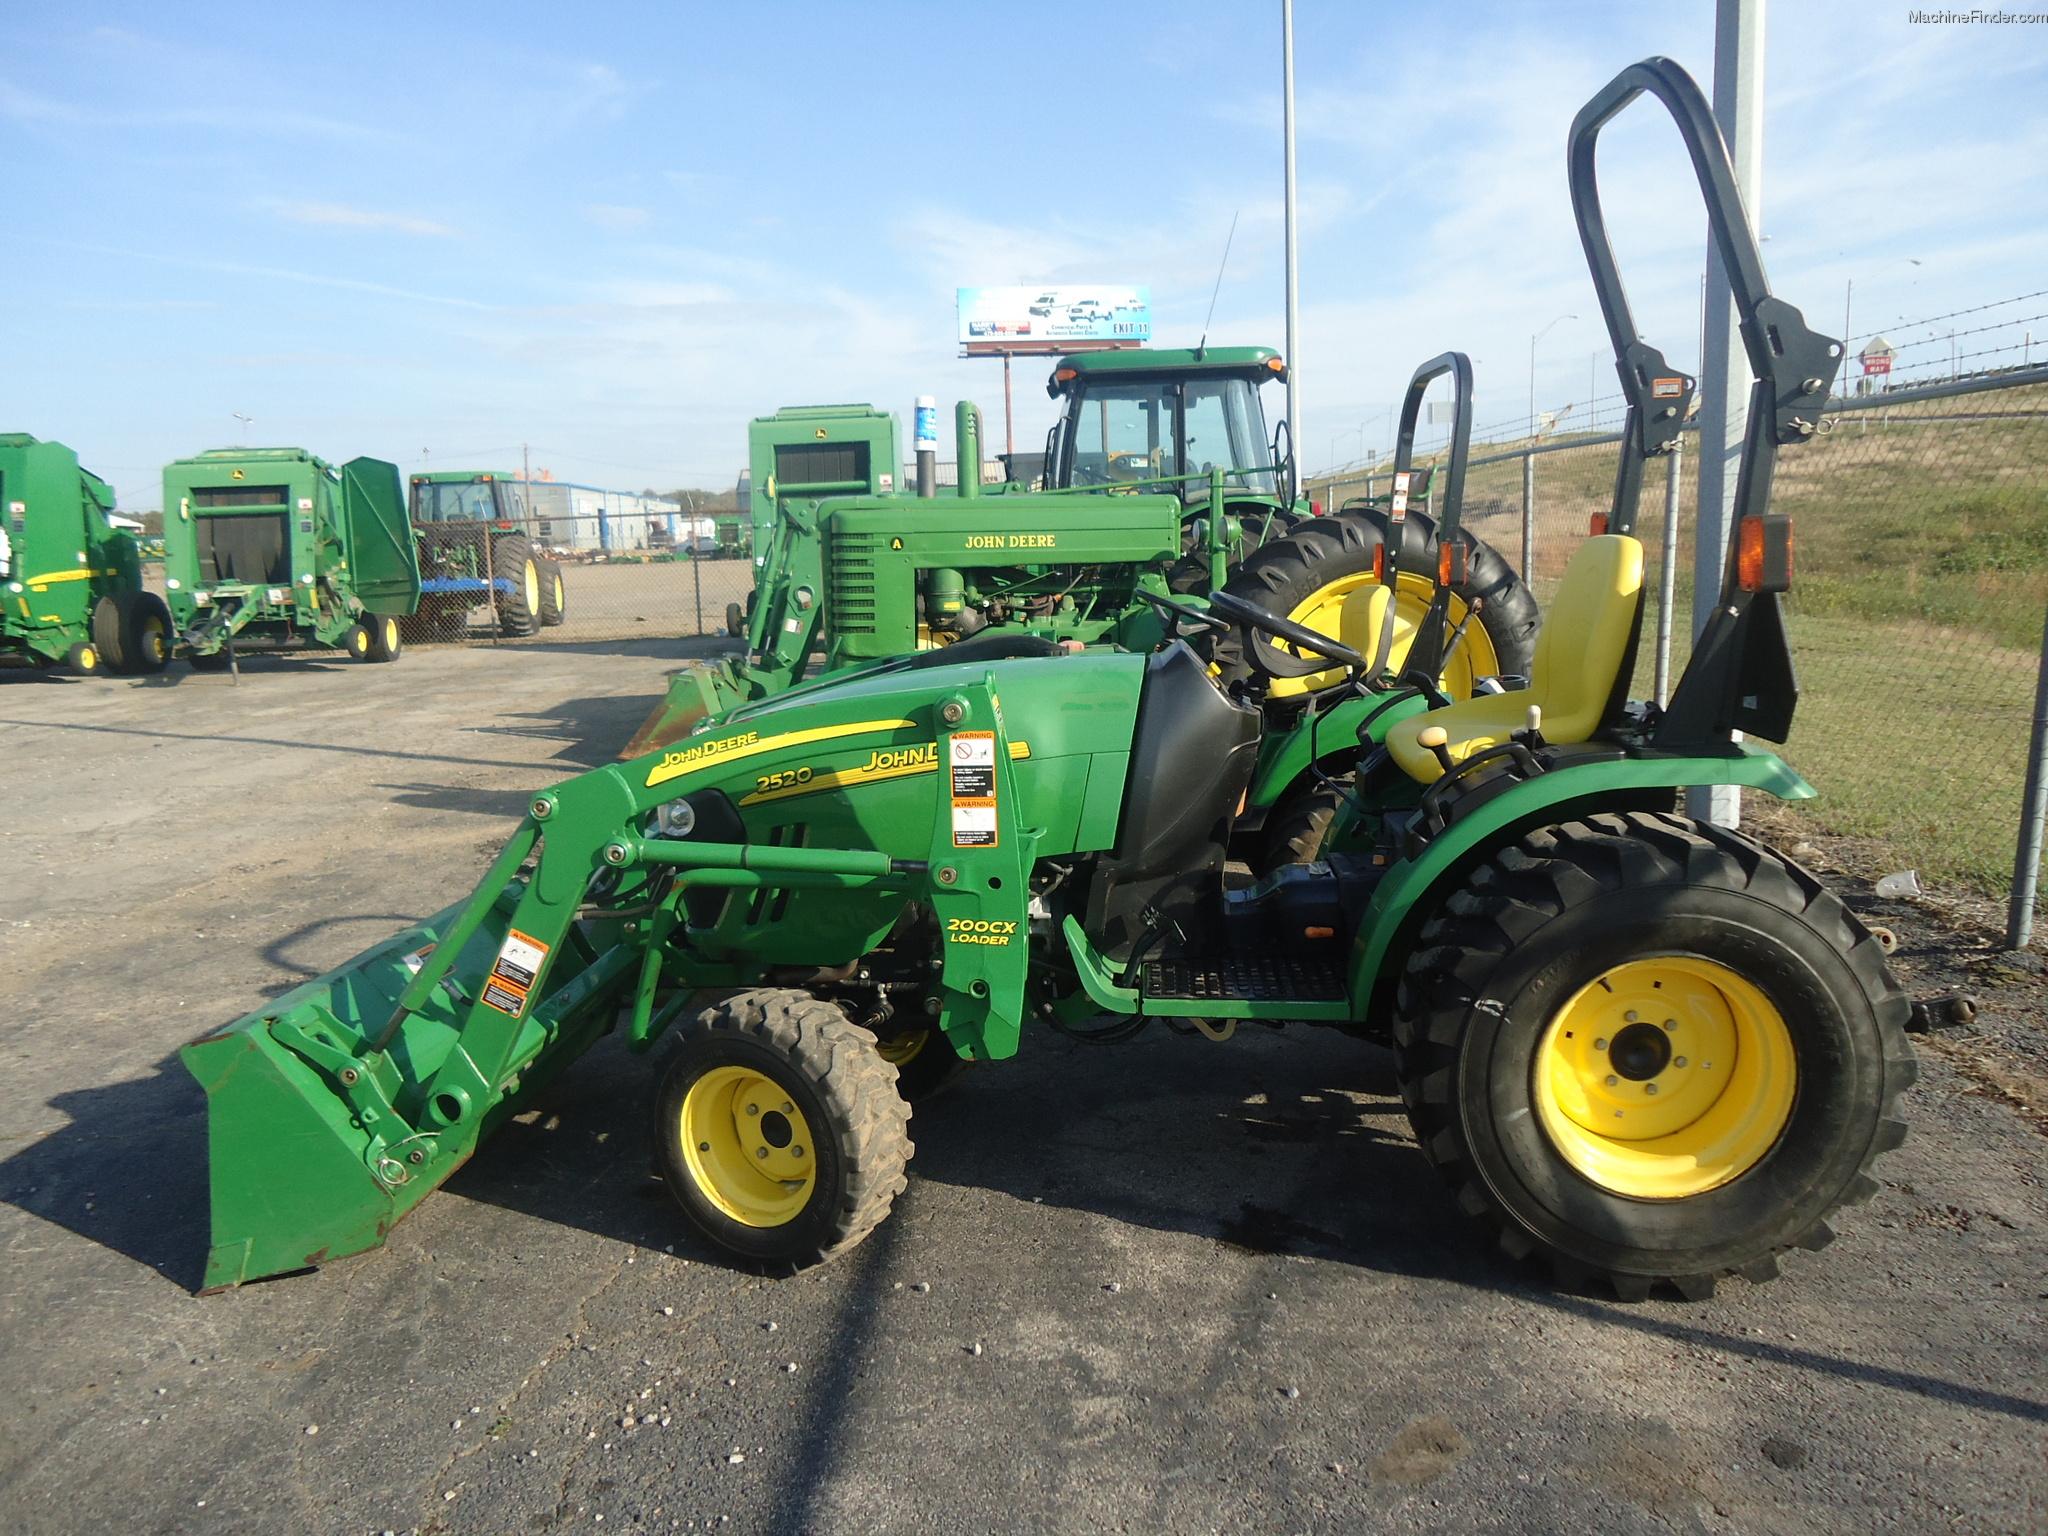 2008 John Deere 2520 Tractors - Compact (1-40hp.) - John Deere ...